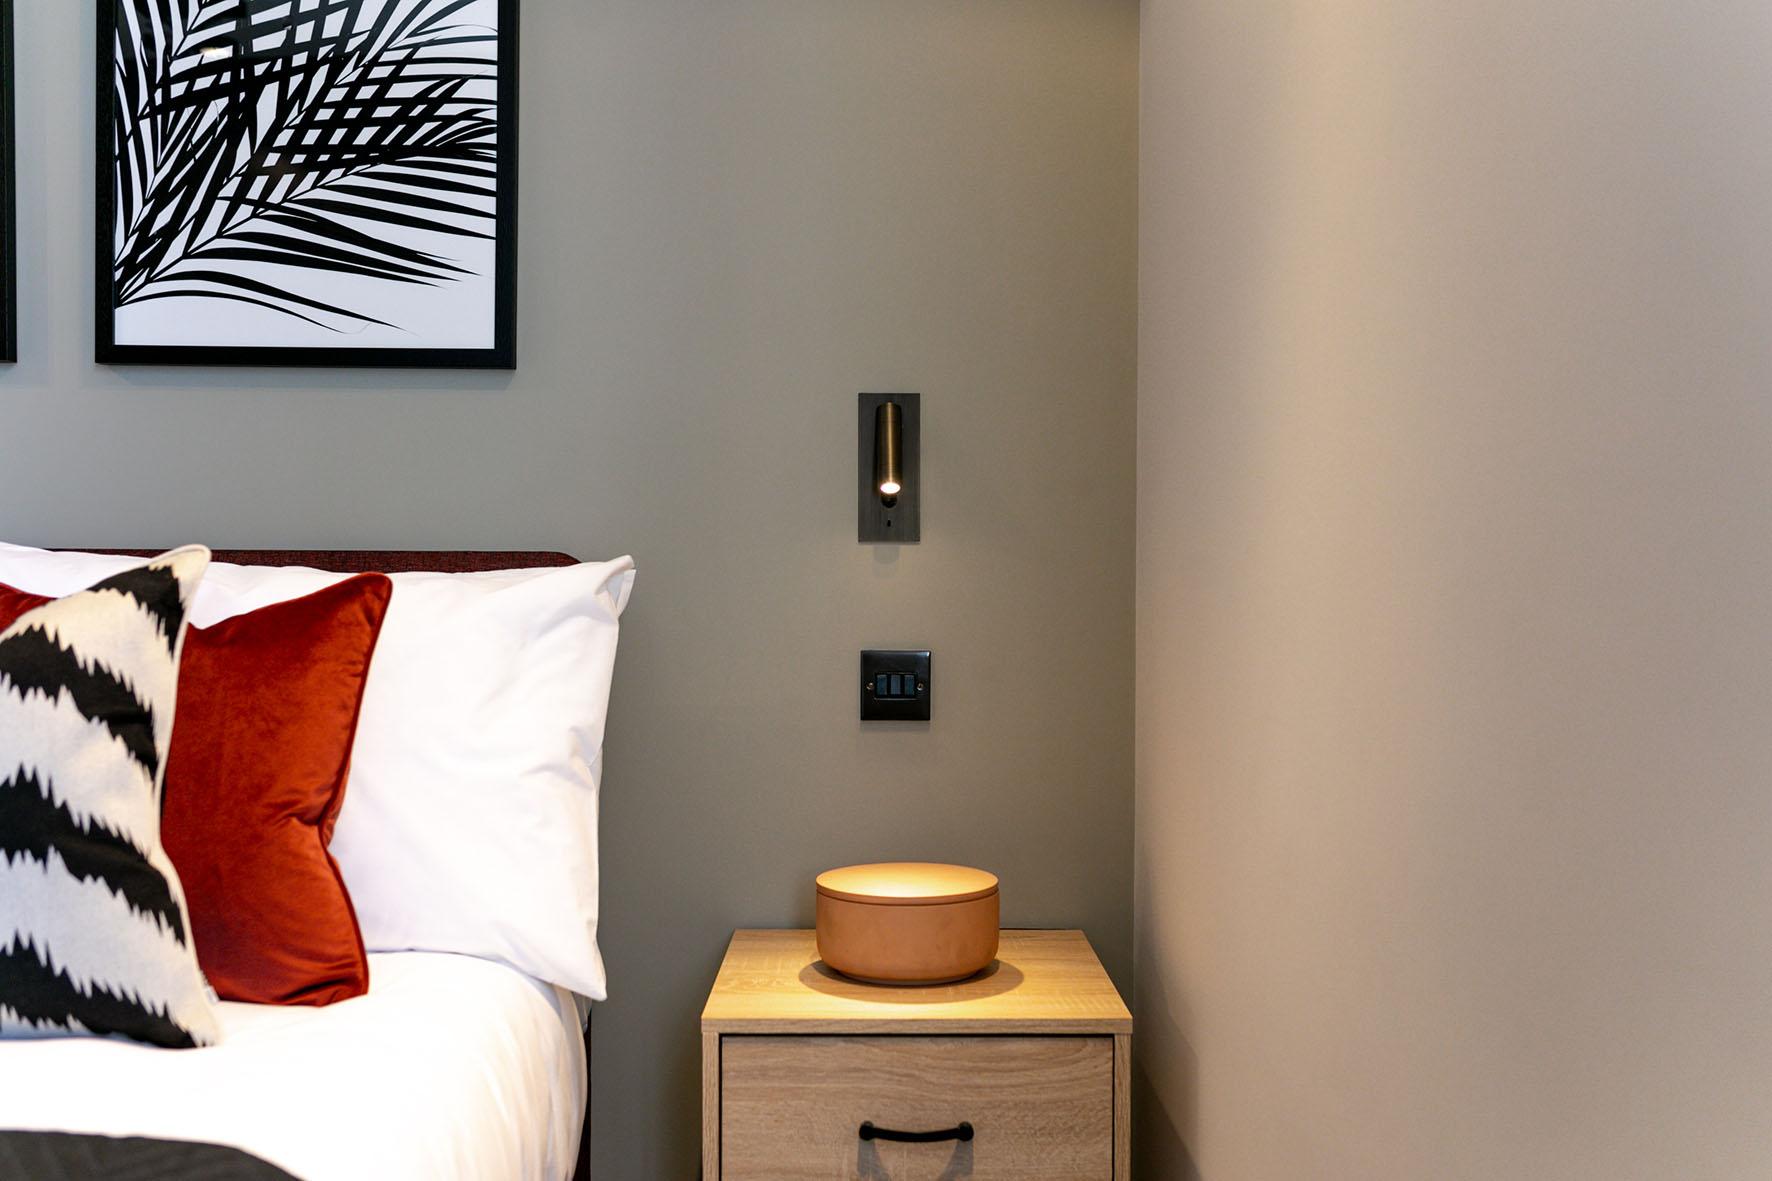 Lovelydays luxury service apartment rental - London - Soho - Oxford Street IV - Lovelysuite - 2 bedrooms - 2 bathrooms - Queen bed - ce0554510528 - Lovelydays